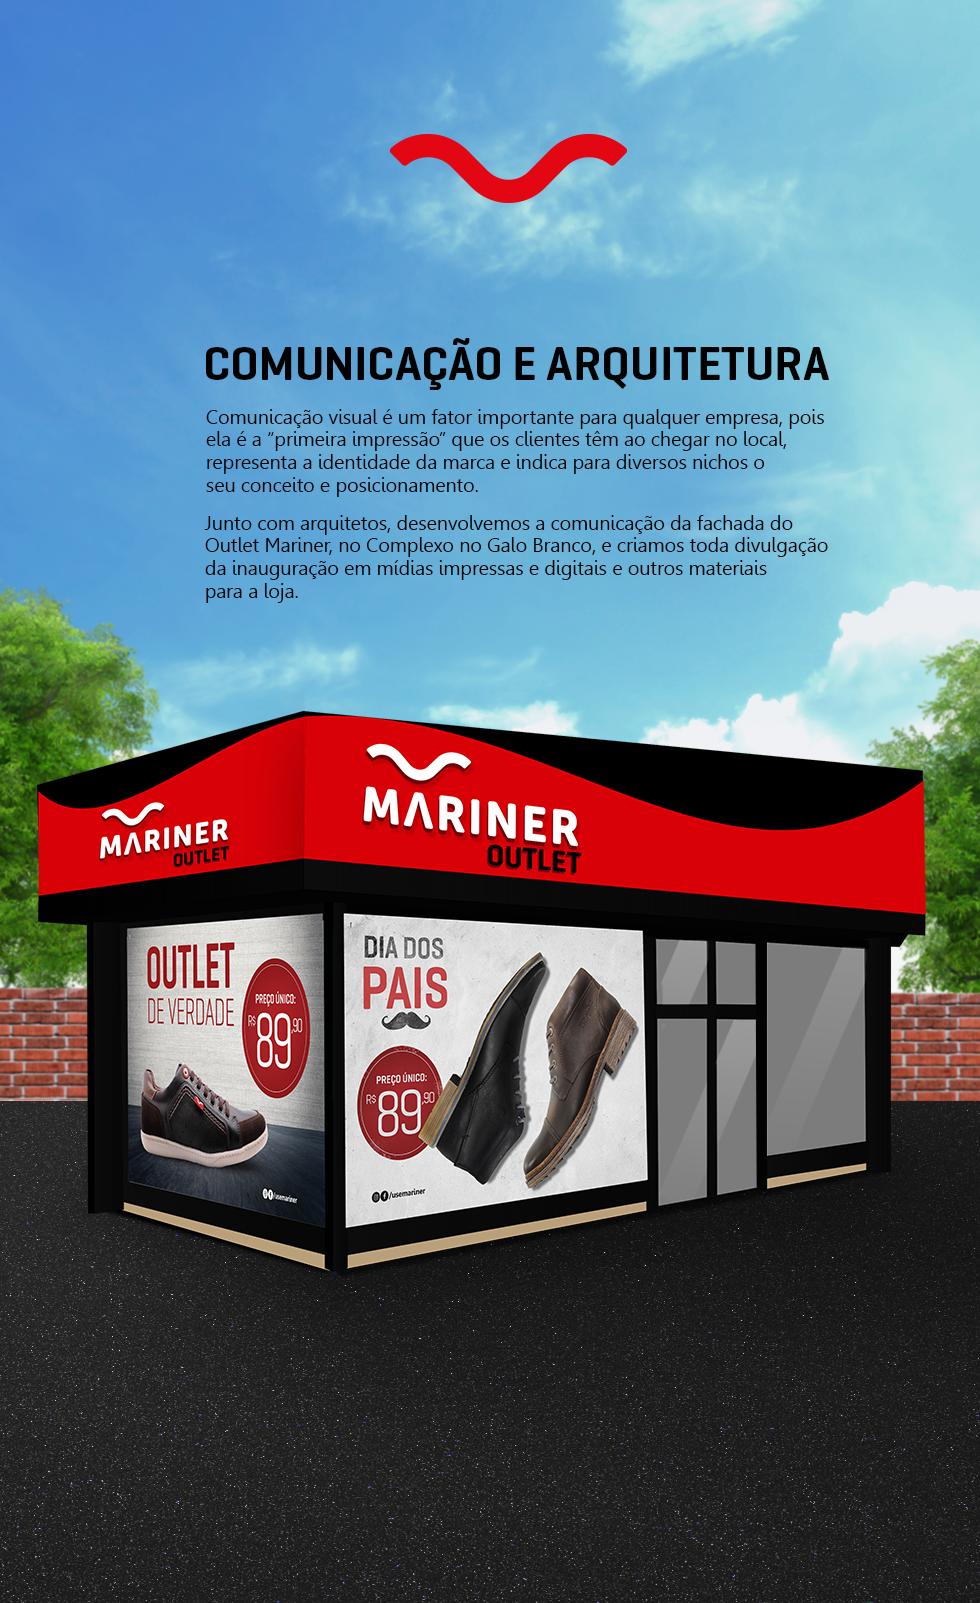 Outlet | Mariner